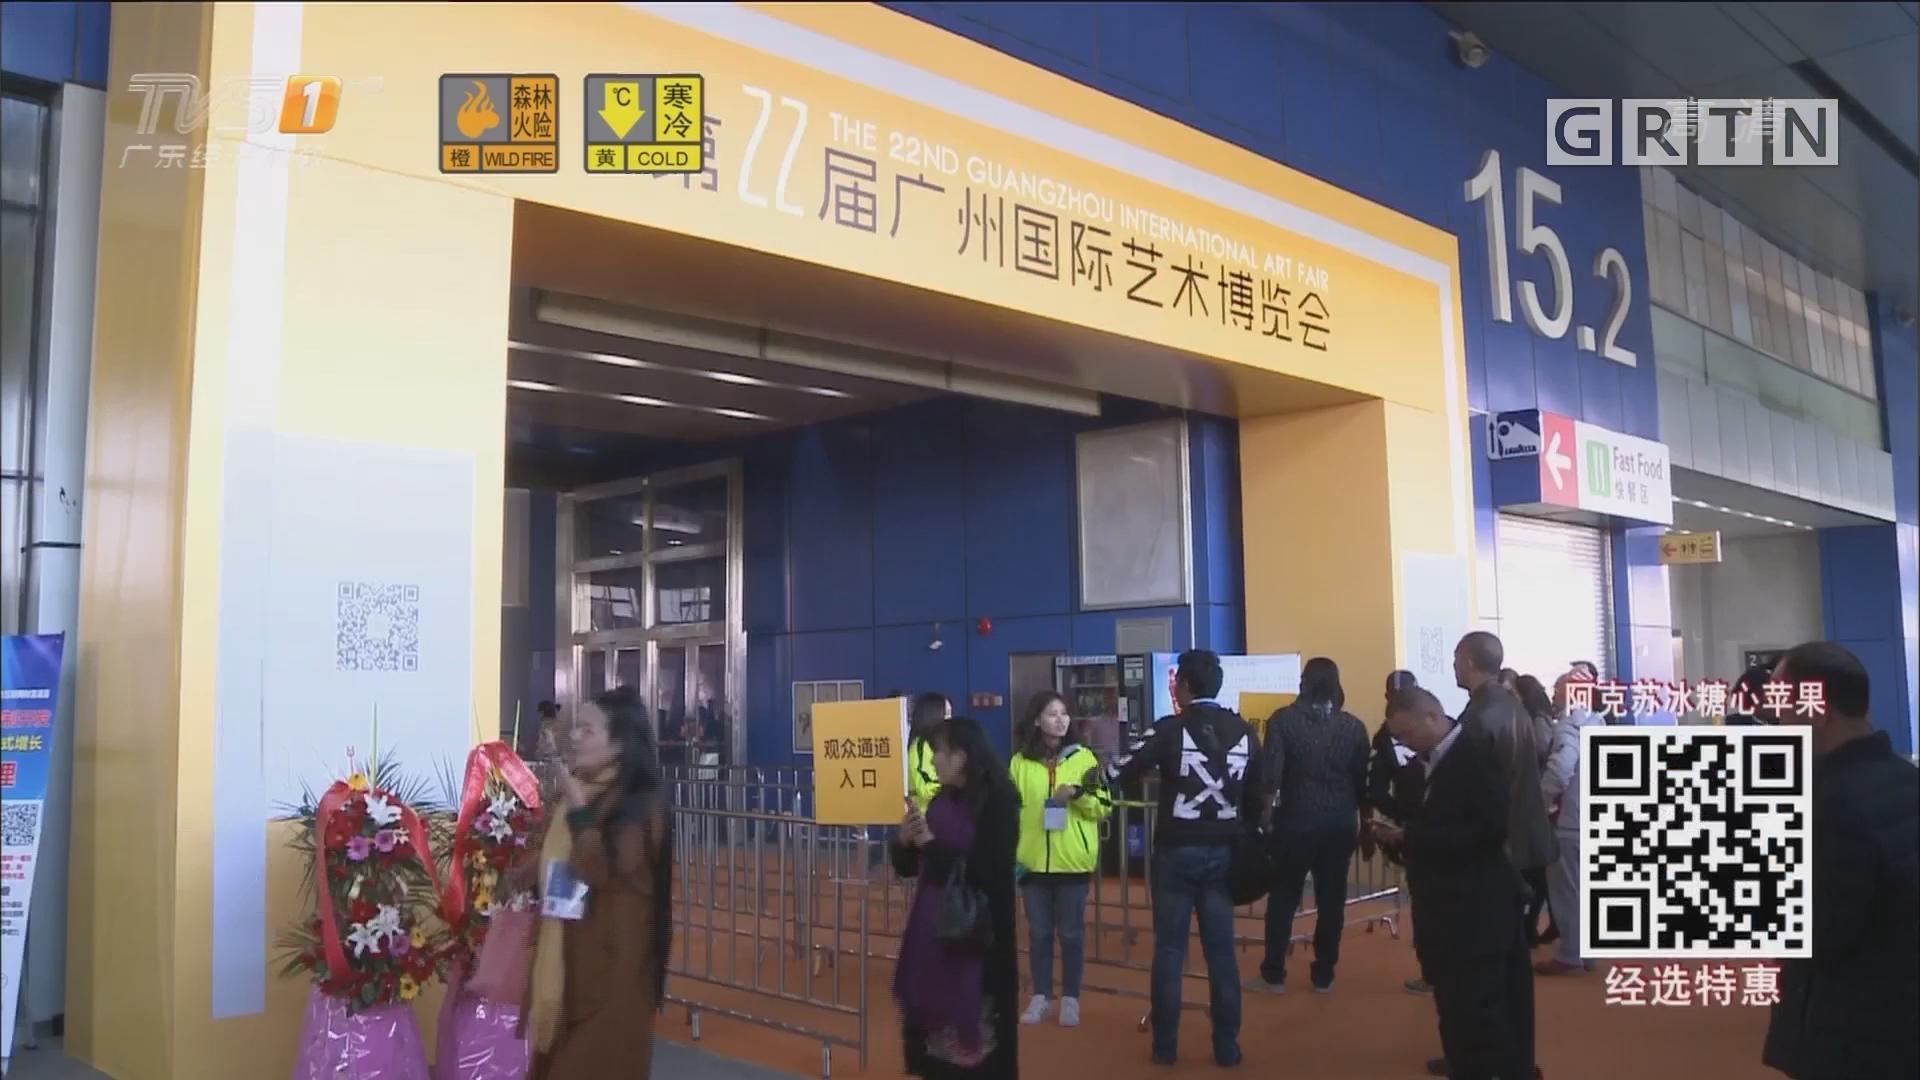 艺术的盛宴 第22届广州艺博会今日开幕